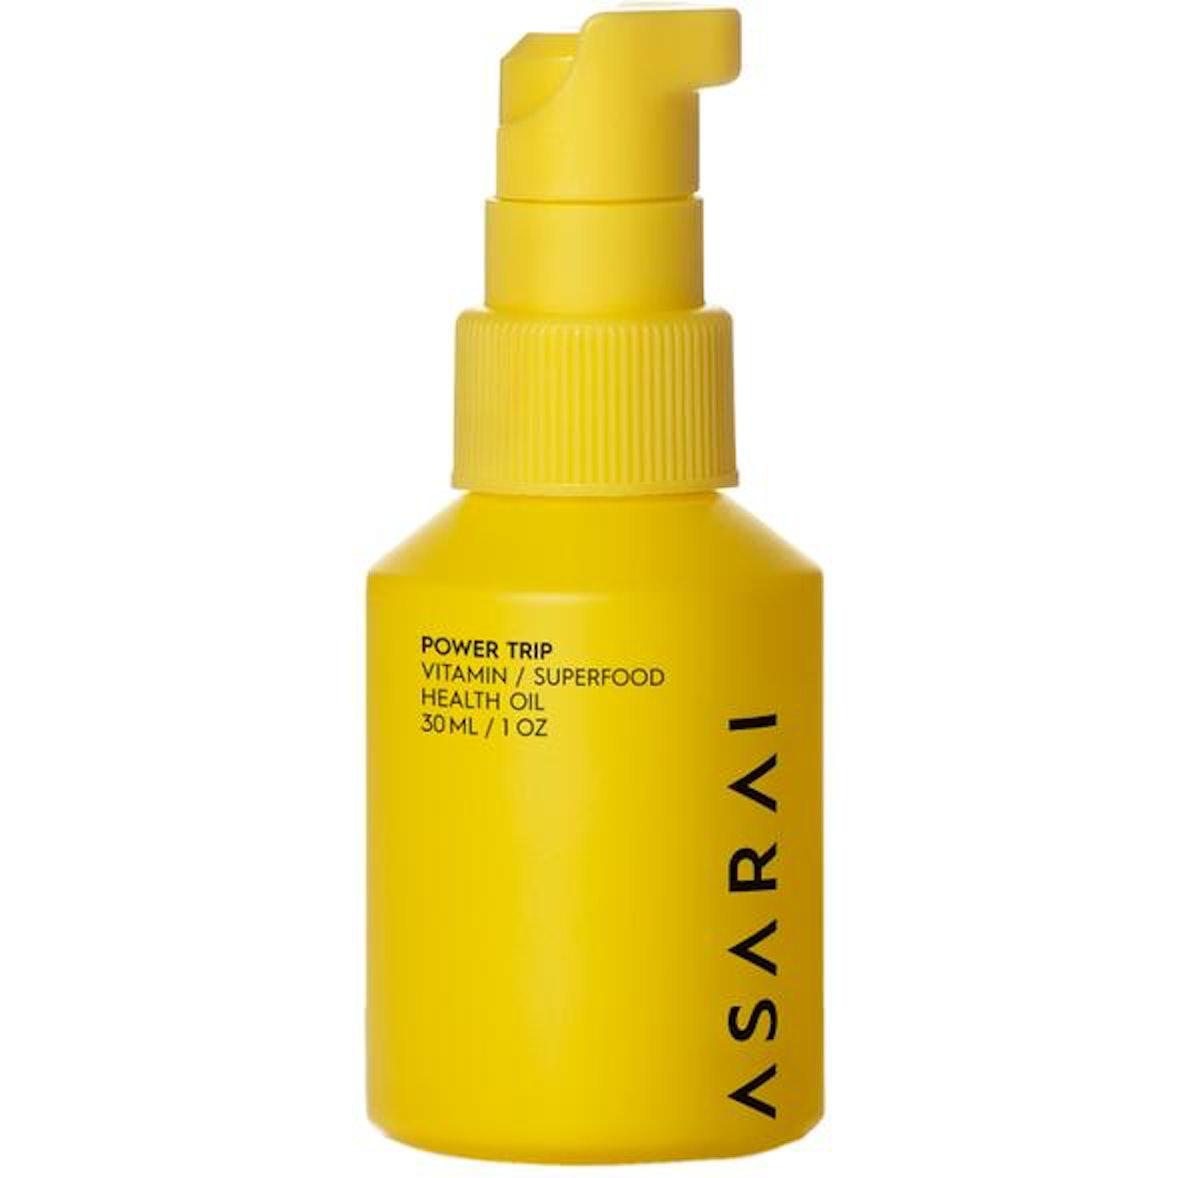 Power Trip - Vitamin Oil